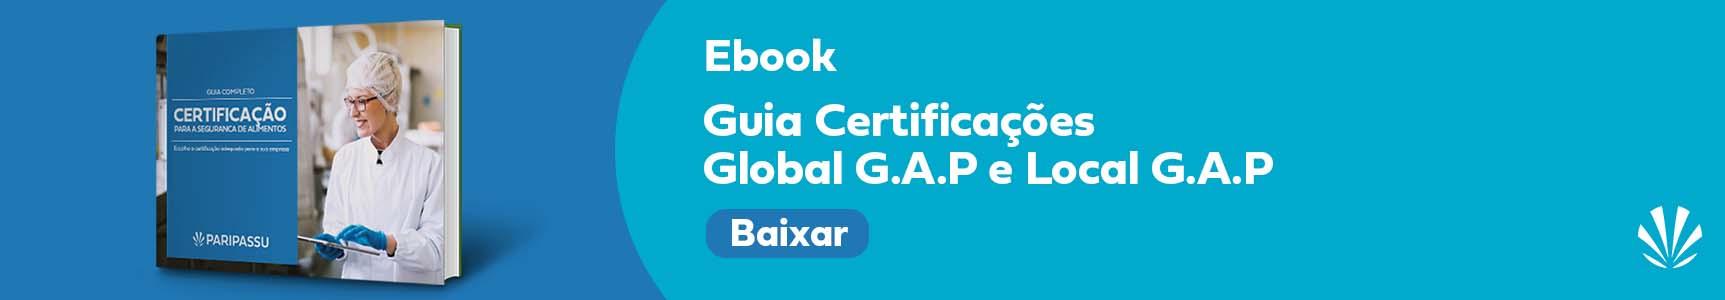 Guia Certificações Global G.A.P e Local G.A.P-2